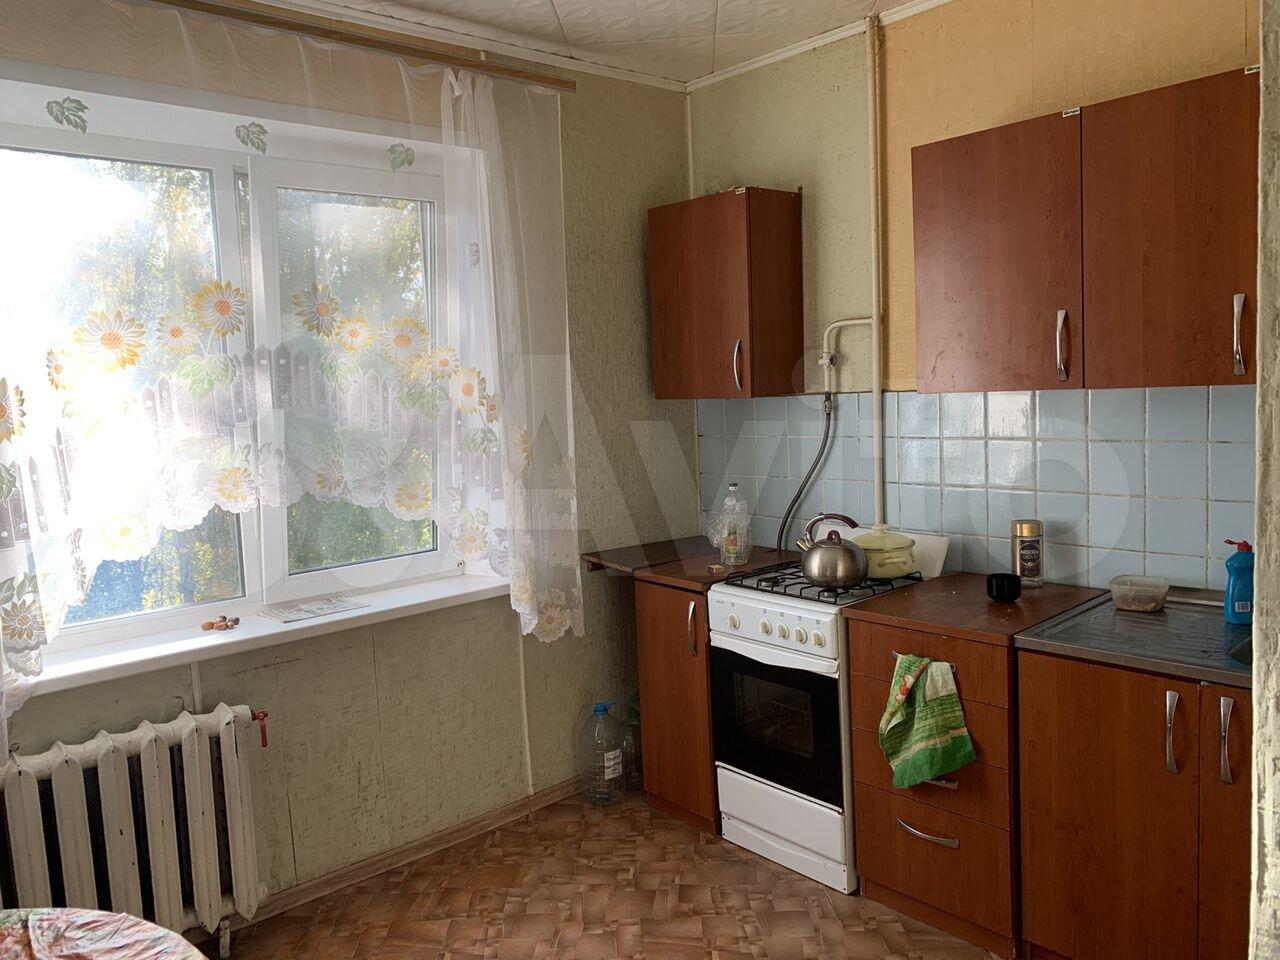 1-к квартира, 37 м², 7/9 эт.  89658824182 купить 1